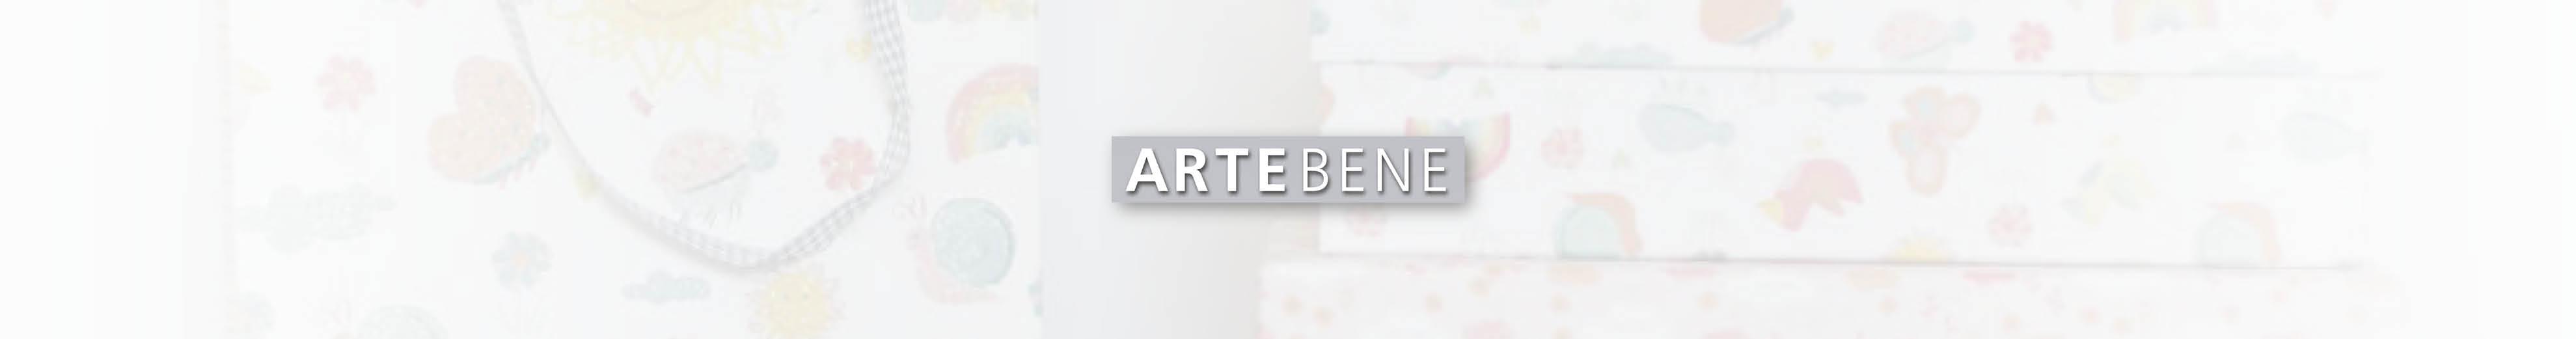 slide_arte_bene_20203